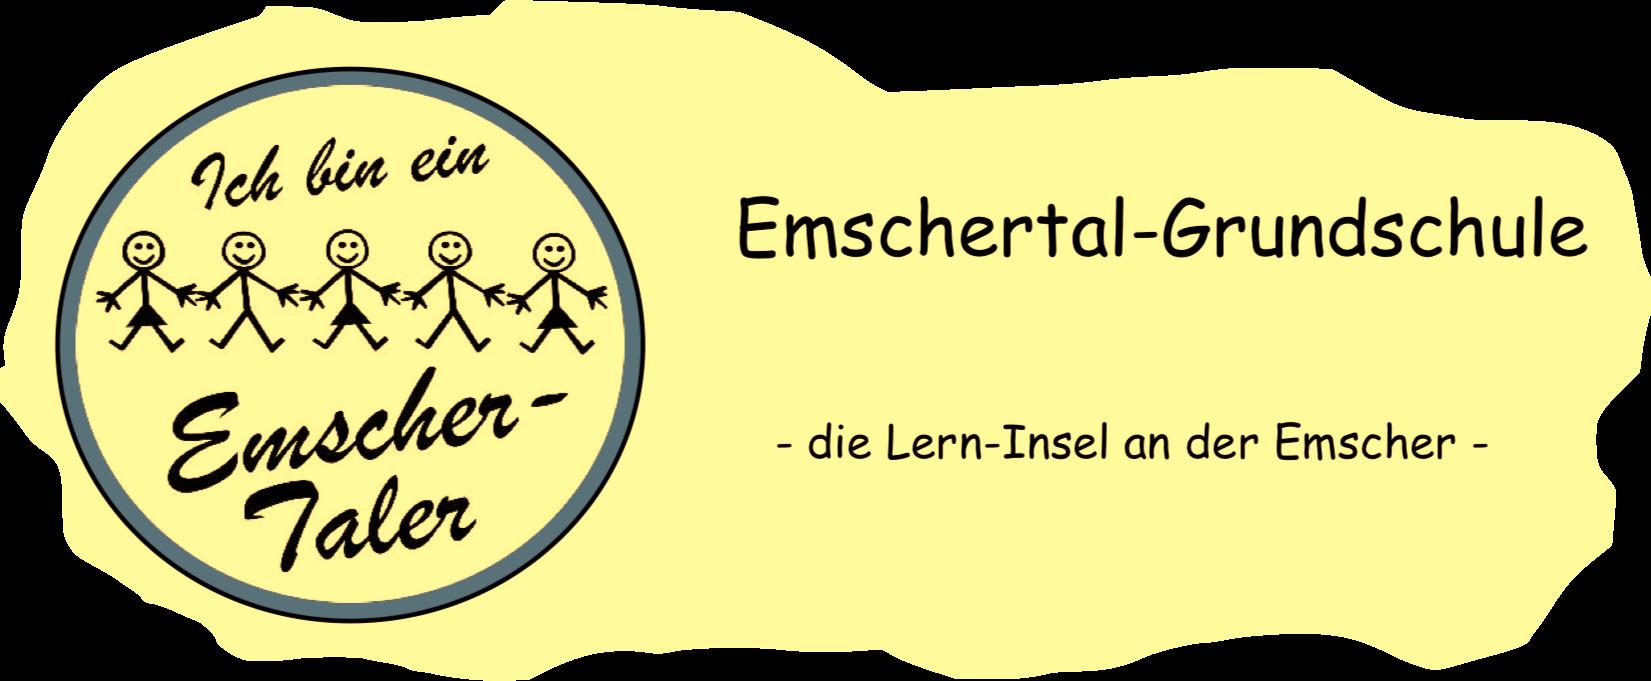 Emschertal Grundschule